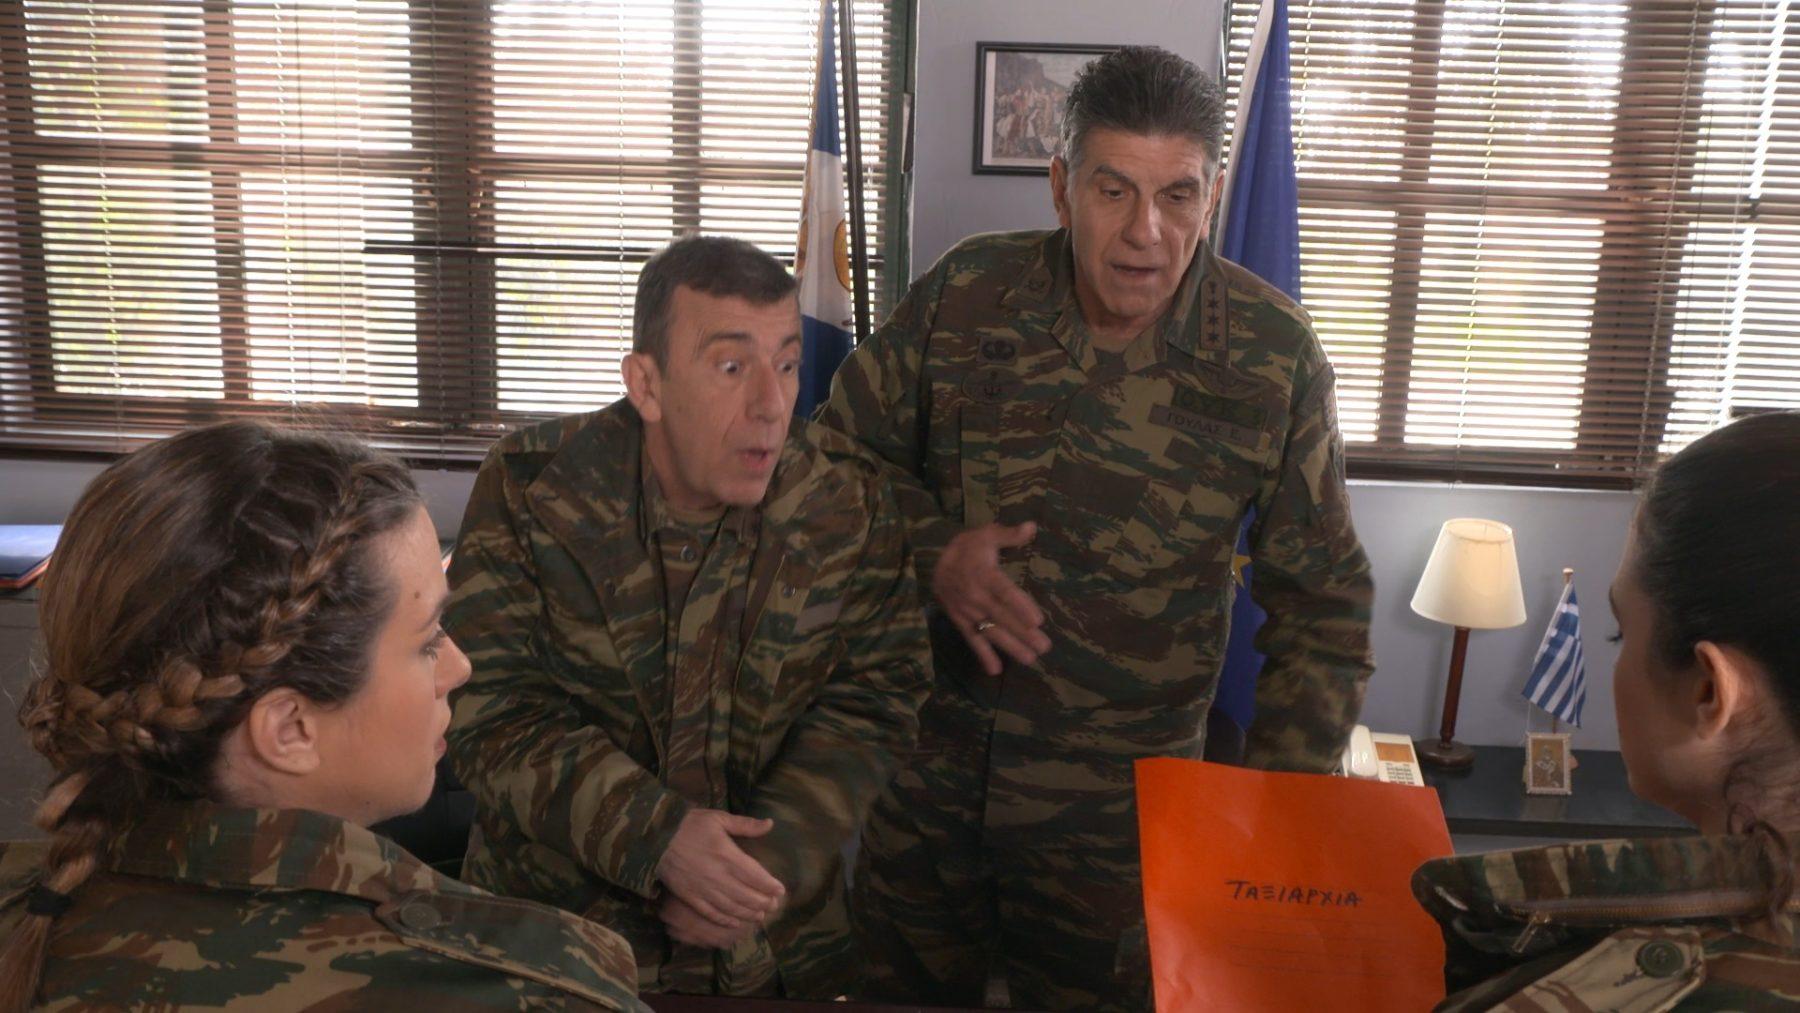 Παρουσιάστε: οι διαφωνίες των διοικητών για τα μέτρα ασφαλείας οδηγήσουν ολόκληρο το στρατόπεδο στο χάος